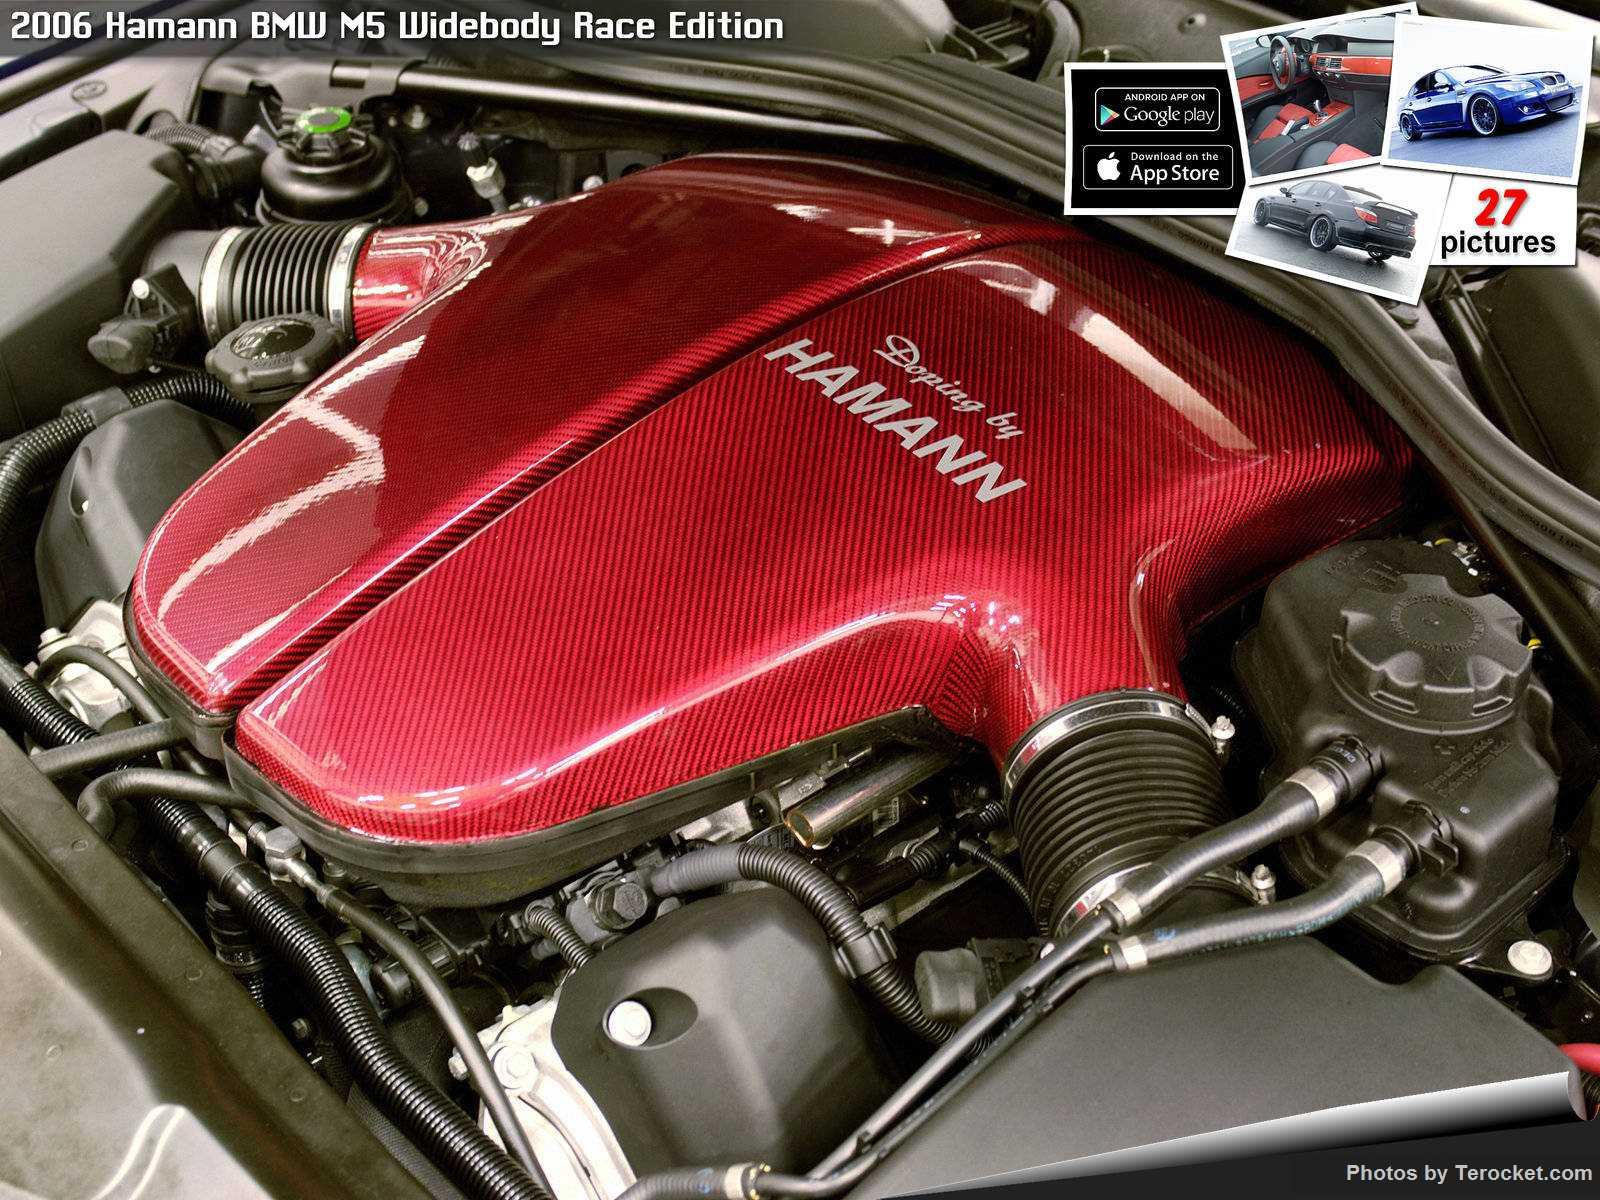 Hình ảnh xe ô tô Hamann BMW M5 Widebody Race Edition 2006 & nội ngoại thất